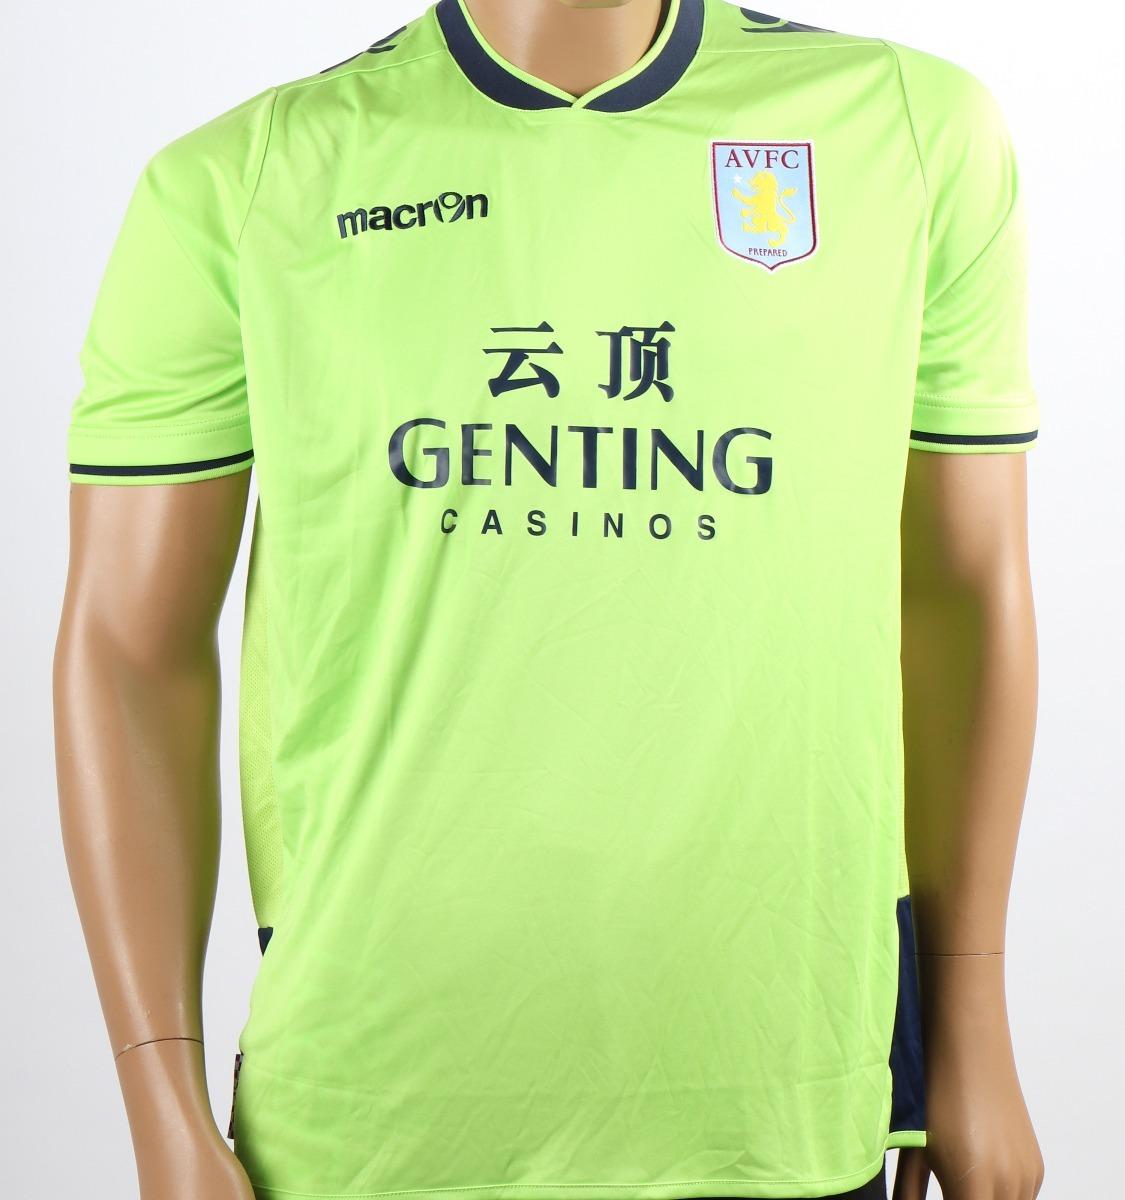 camisa aston villa football club macron - inglaterra. Carregando zoom. baa673f473a92